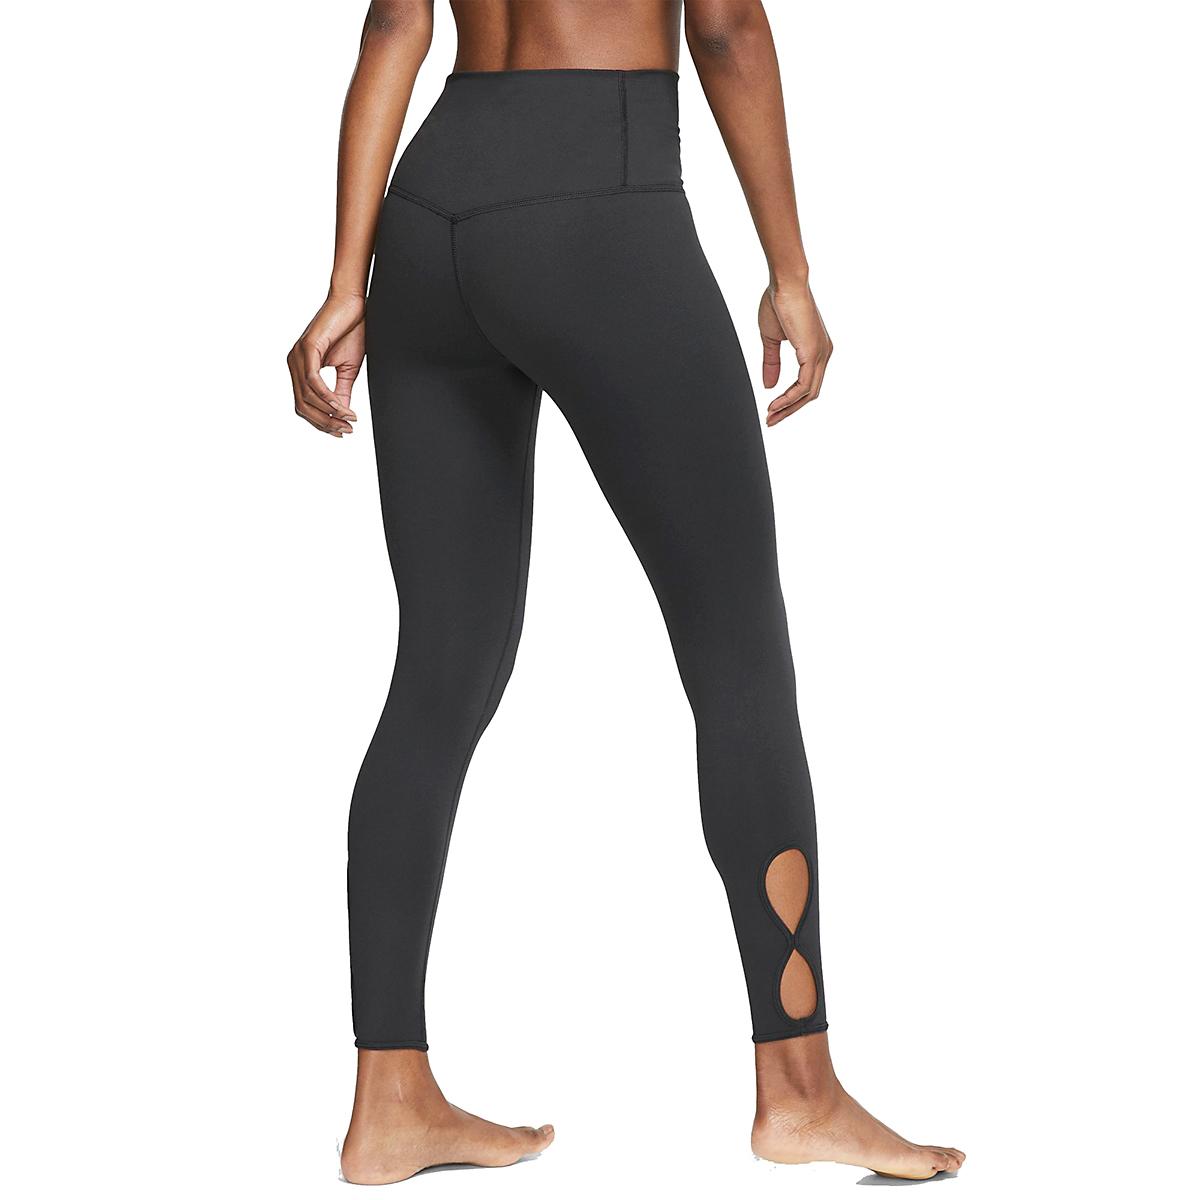 Women's Nike 7/8 Yoga Tight  - Color: Black/White - Size: XL, Black/White, large, image 2